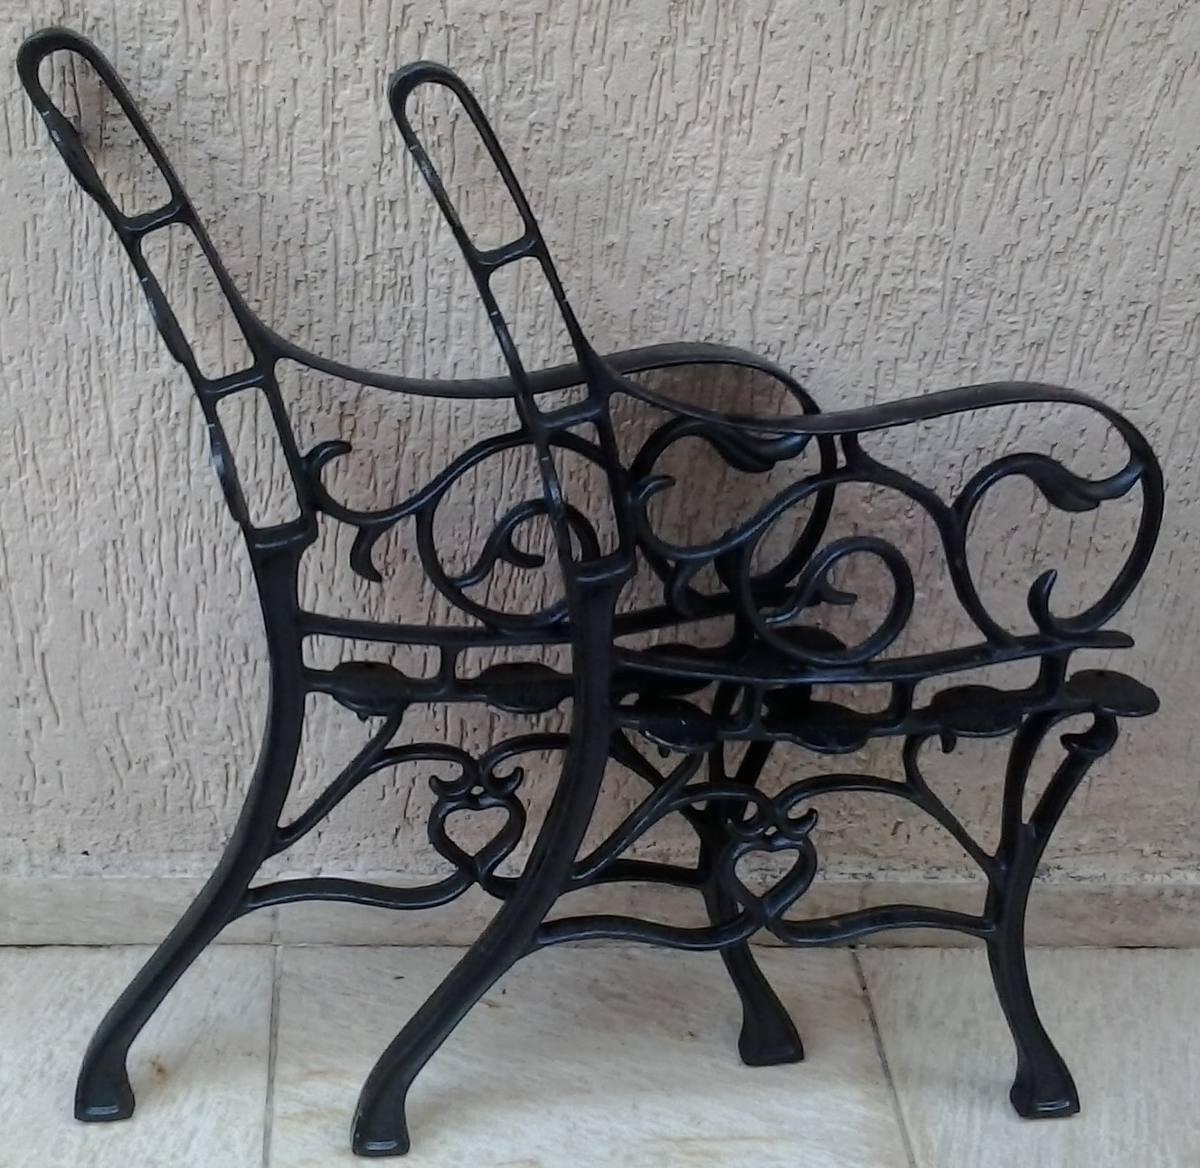 banco de jardim em ferro fundido:Pé Banco De Jardim Ferro Fundido  #4A4F58 1200x1168